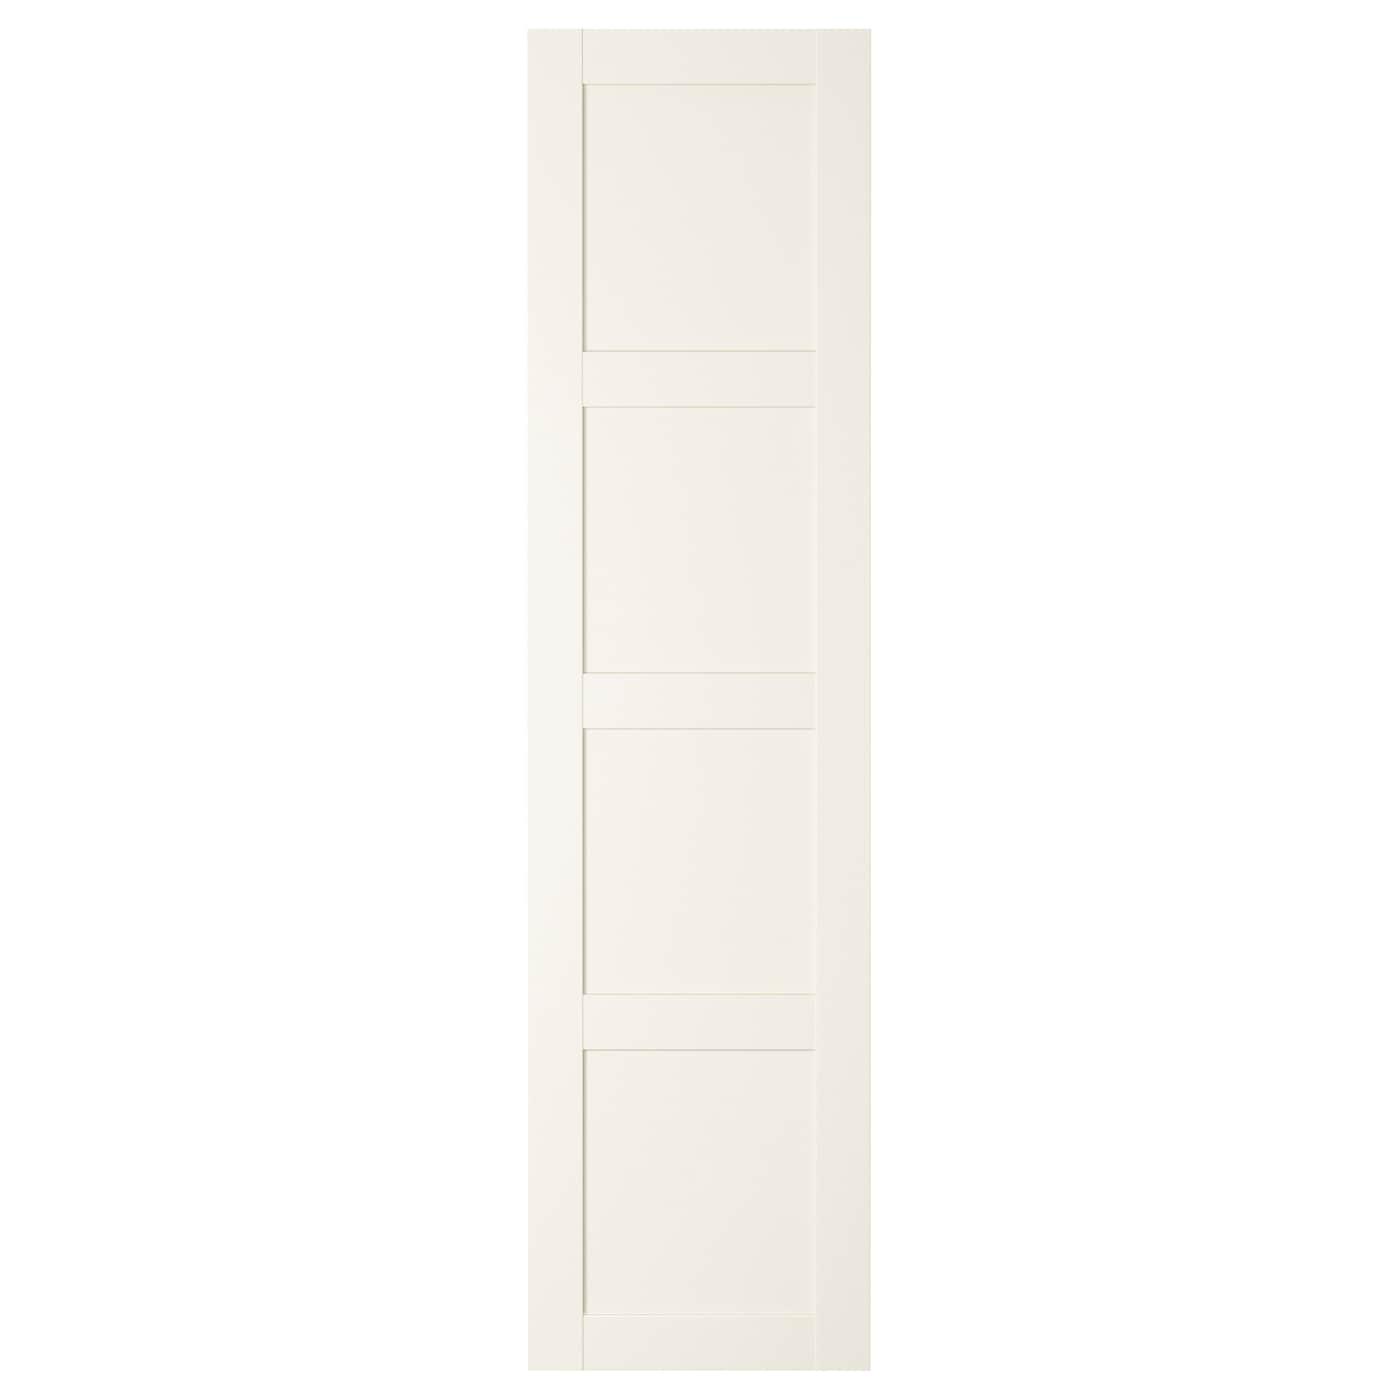 Door BERGSBO White  sc 1 st  Ikea & BERGSBO Door White 50x195 cm - IKEA pezcame.com